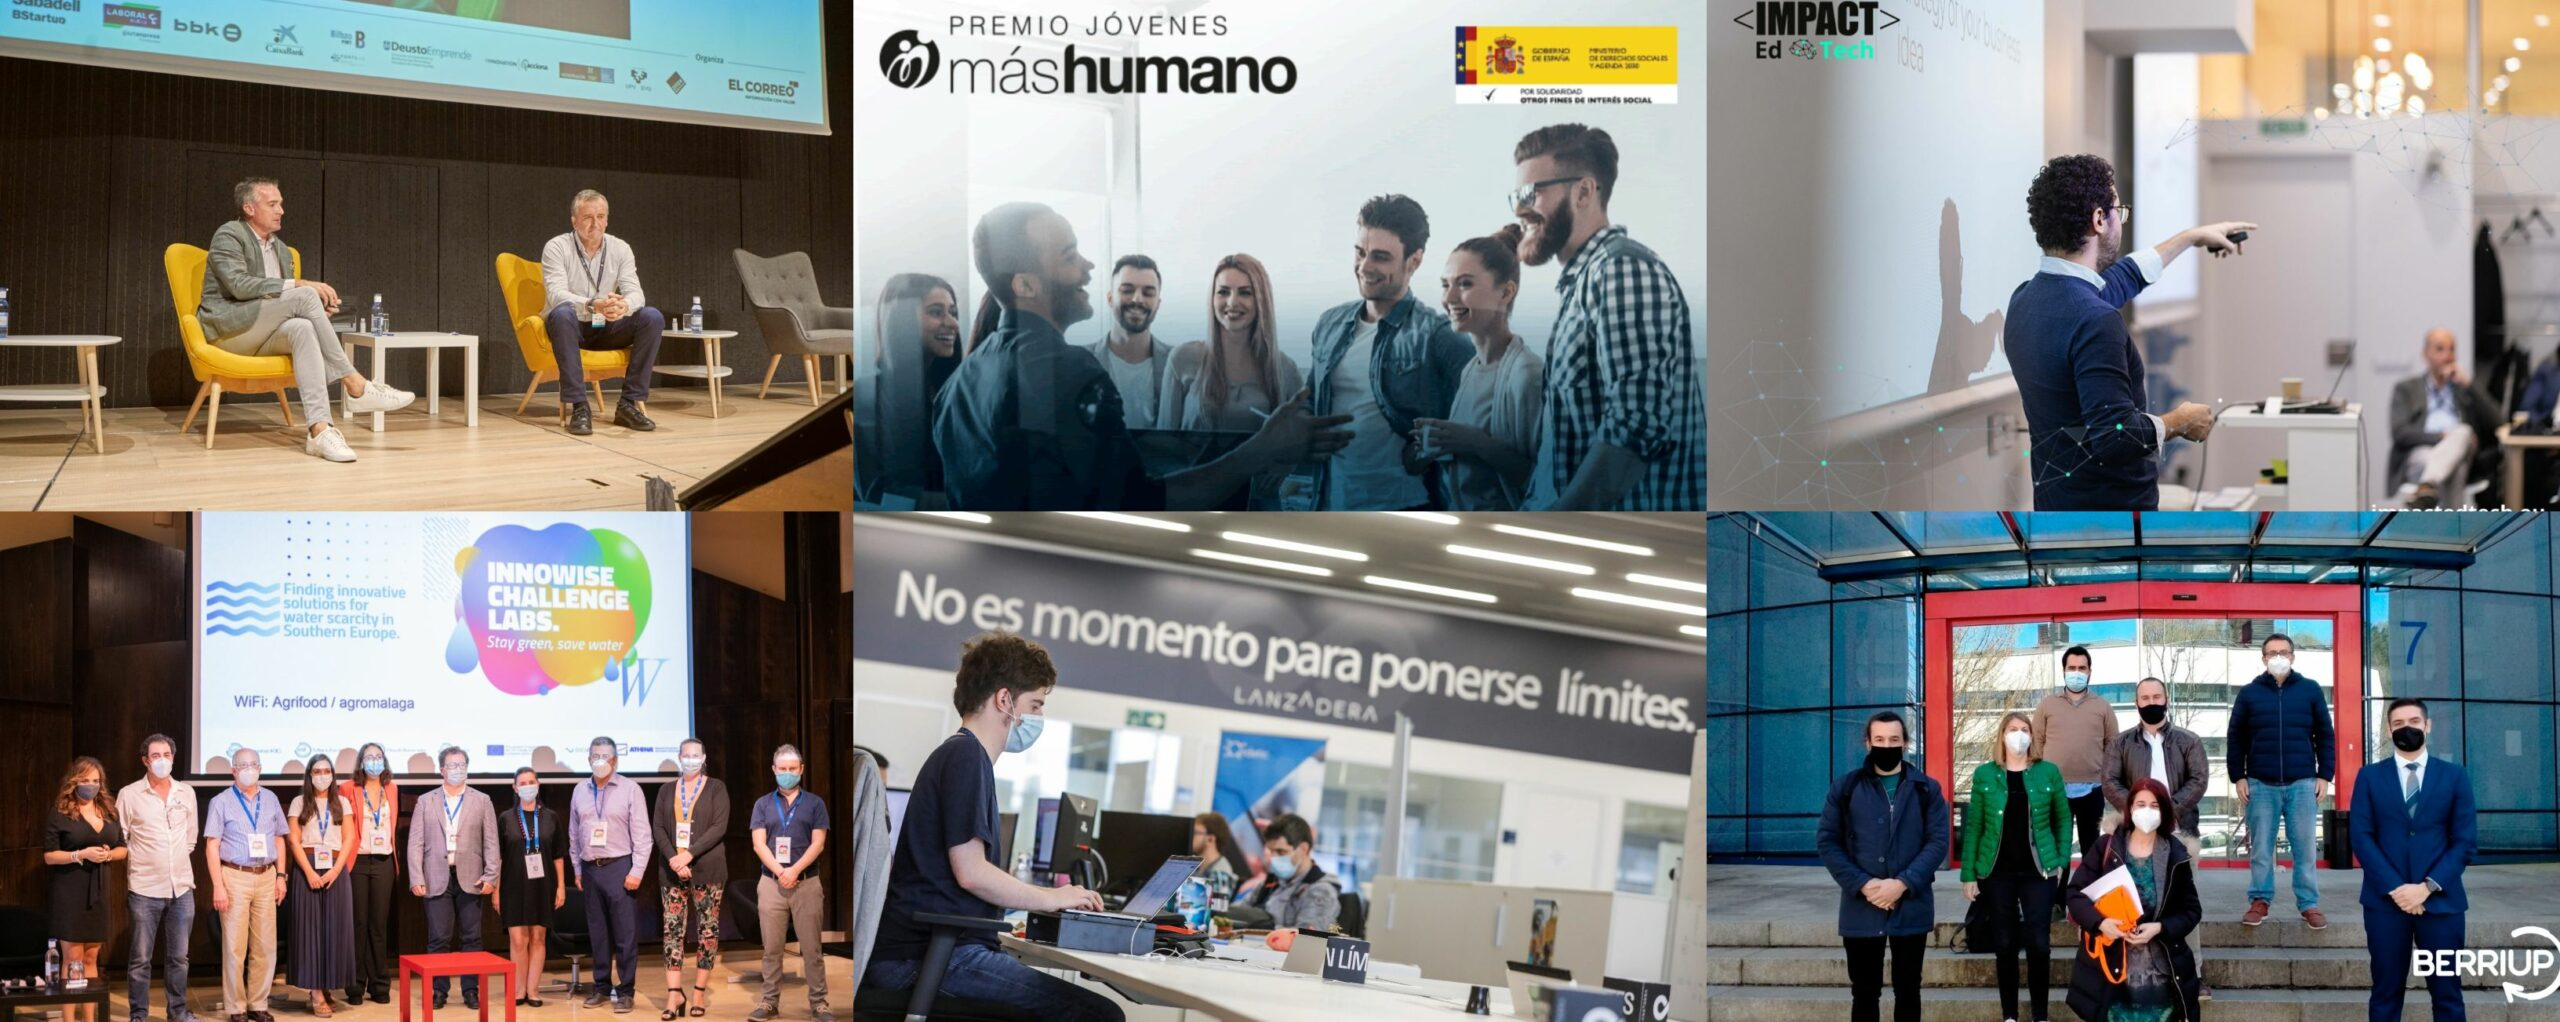 20 convocatorias abiertas para emprendedores y startups